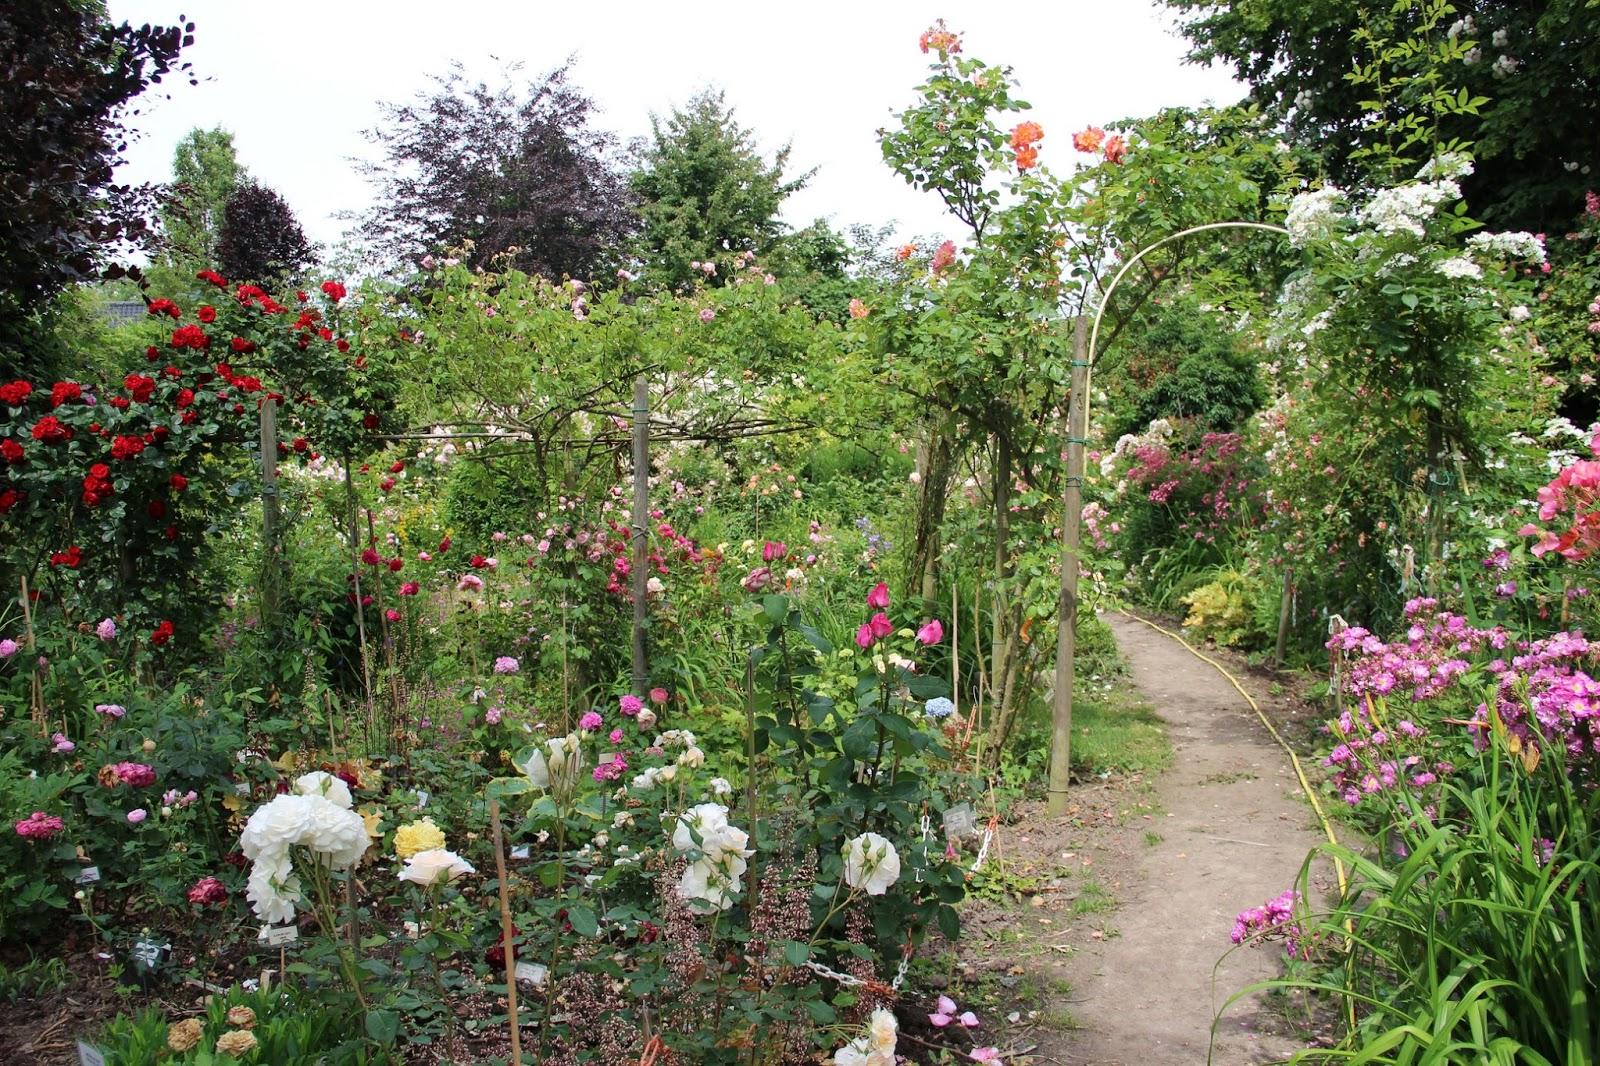 Derri re les murs de mon jardin juin 2015 - Derriere les murs de mon jardin ...